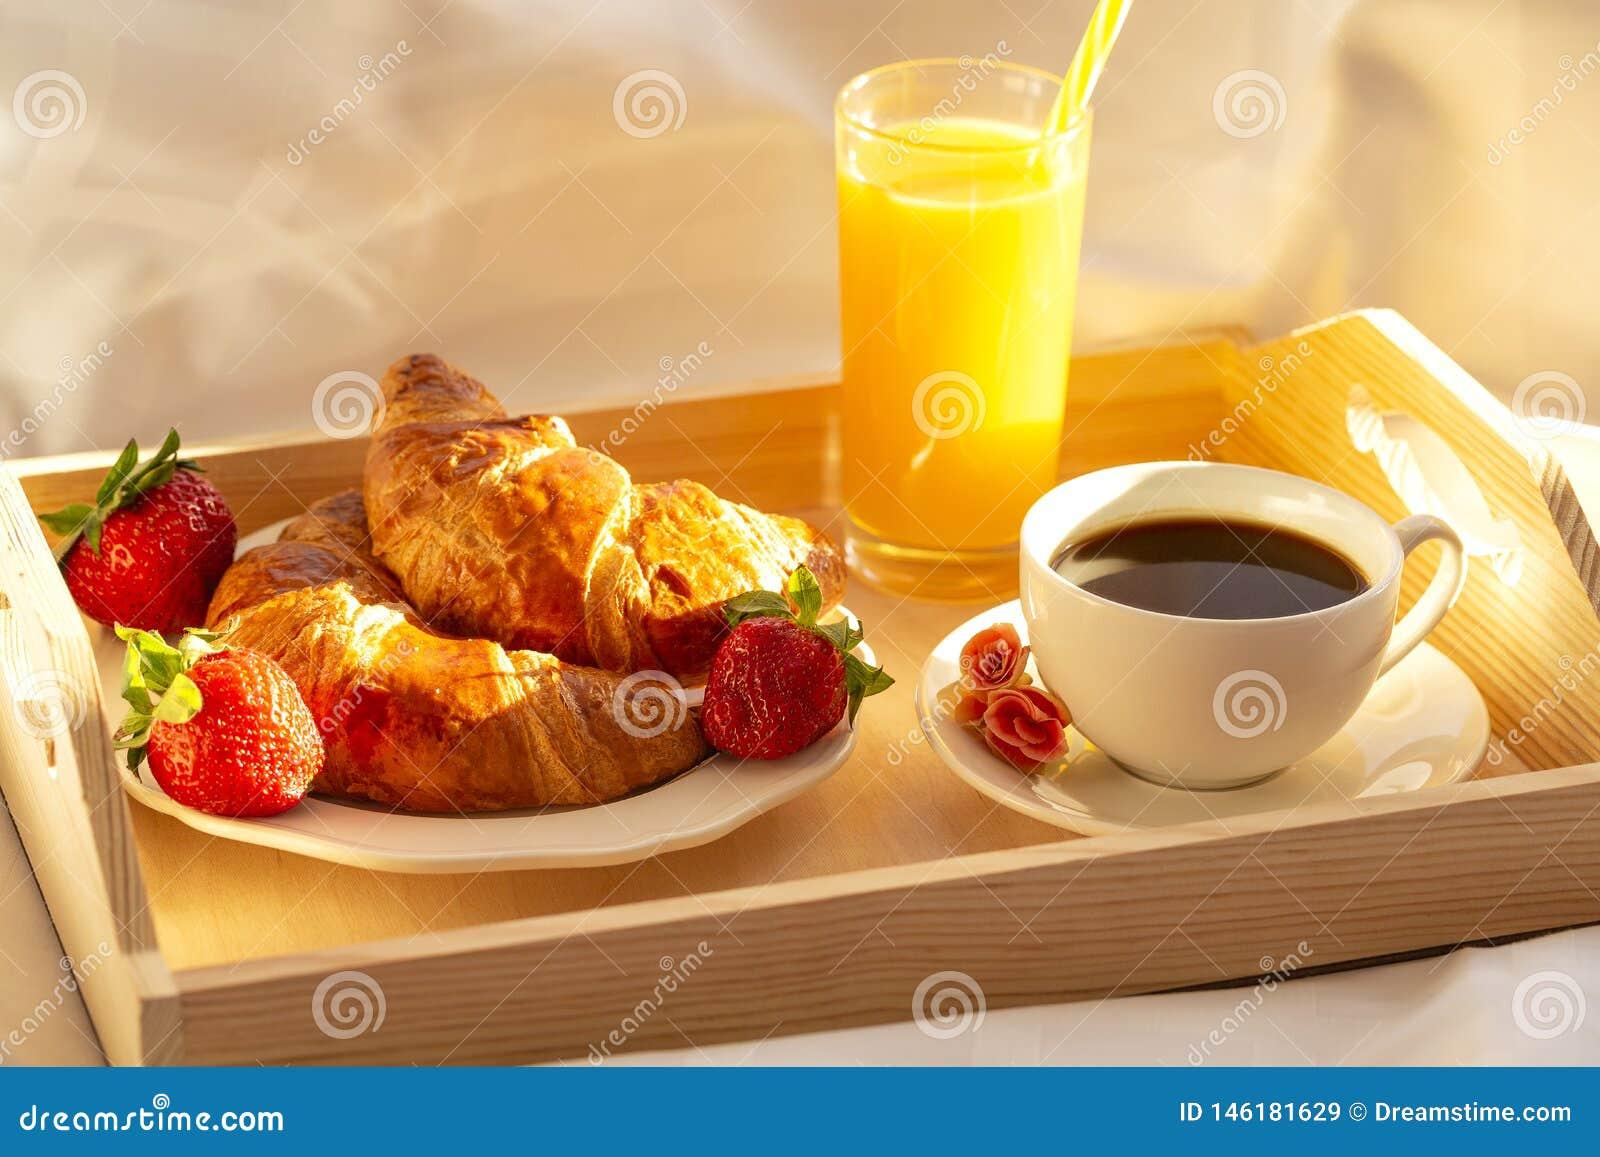 Завтрак в кровати, поднос кофе, круассаны, сок и свежие клубники Раннее утро